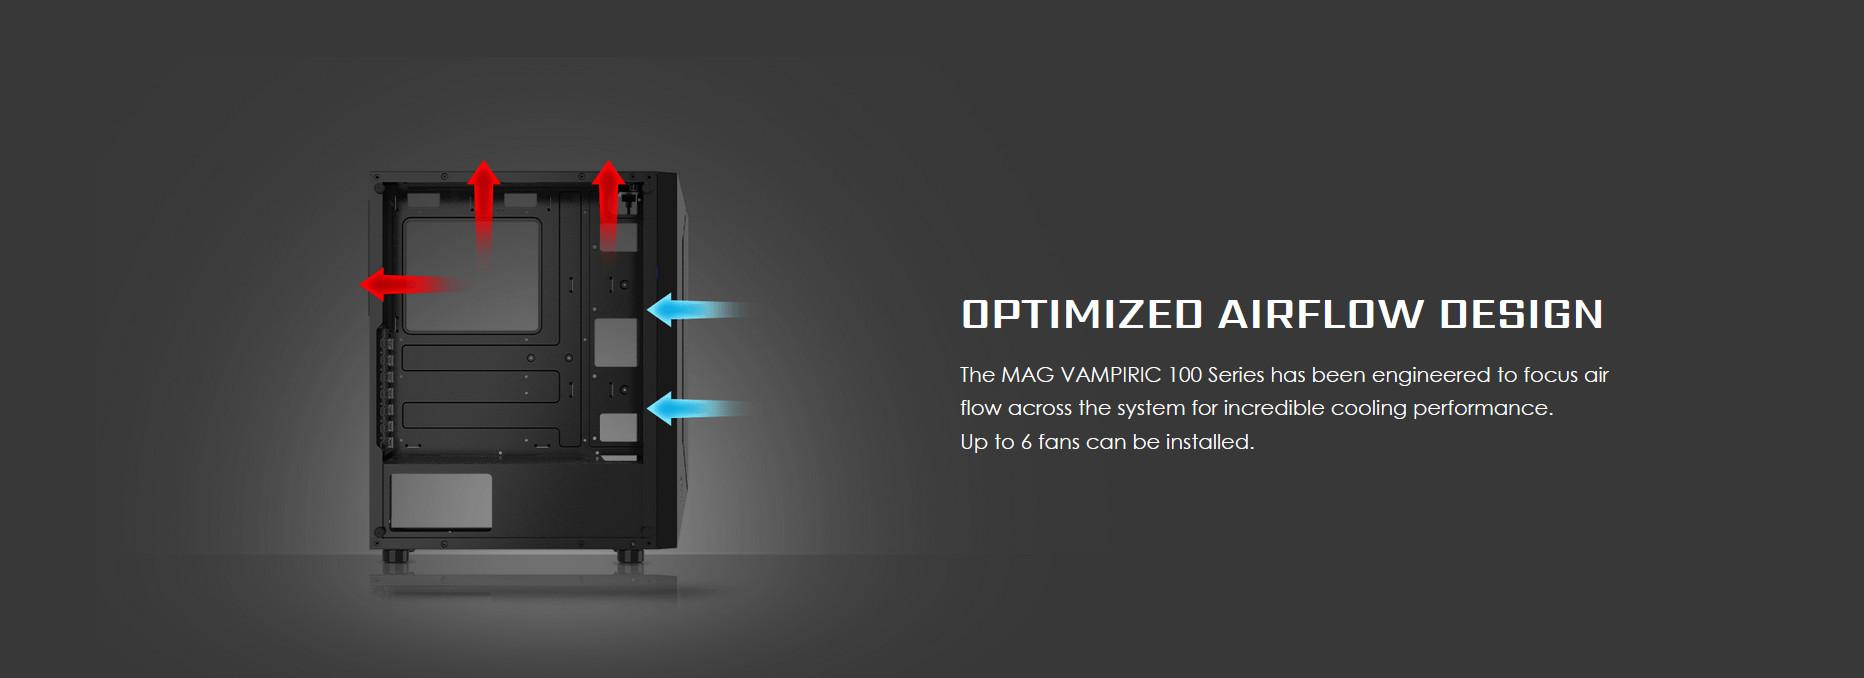 Vỏ Case MSI MAG VAMPIRIC 100L được tối ưu thiết kế hướng gió lưu thông.